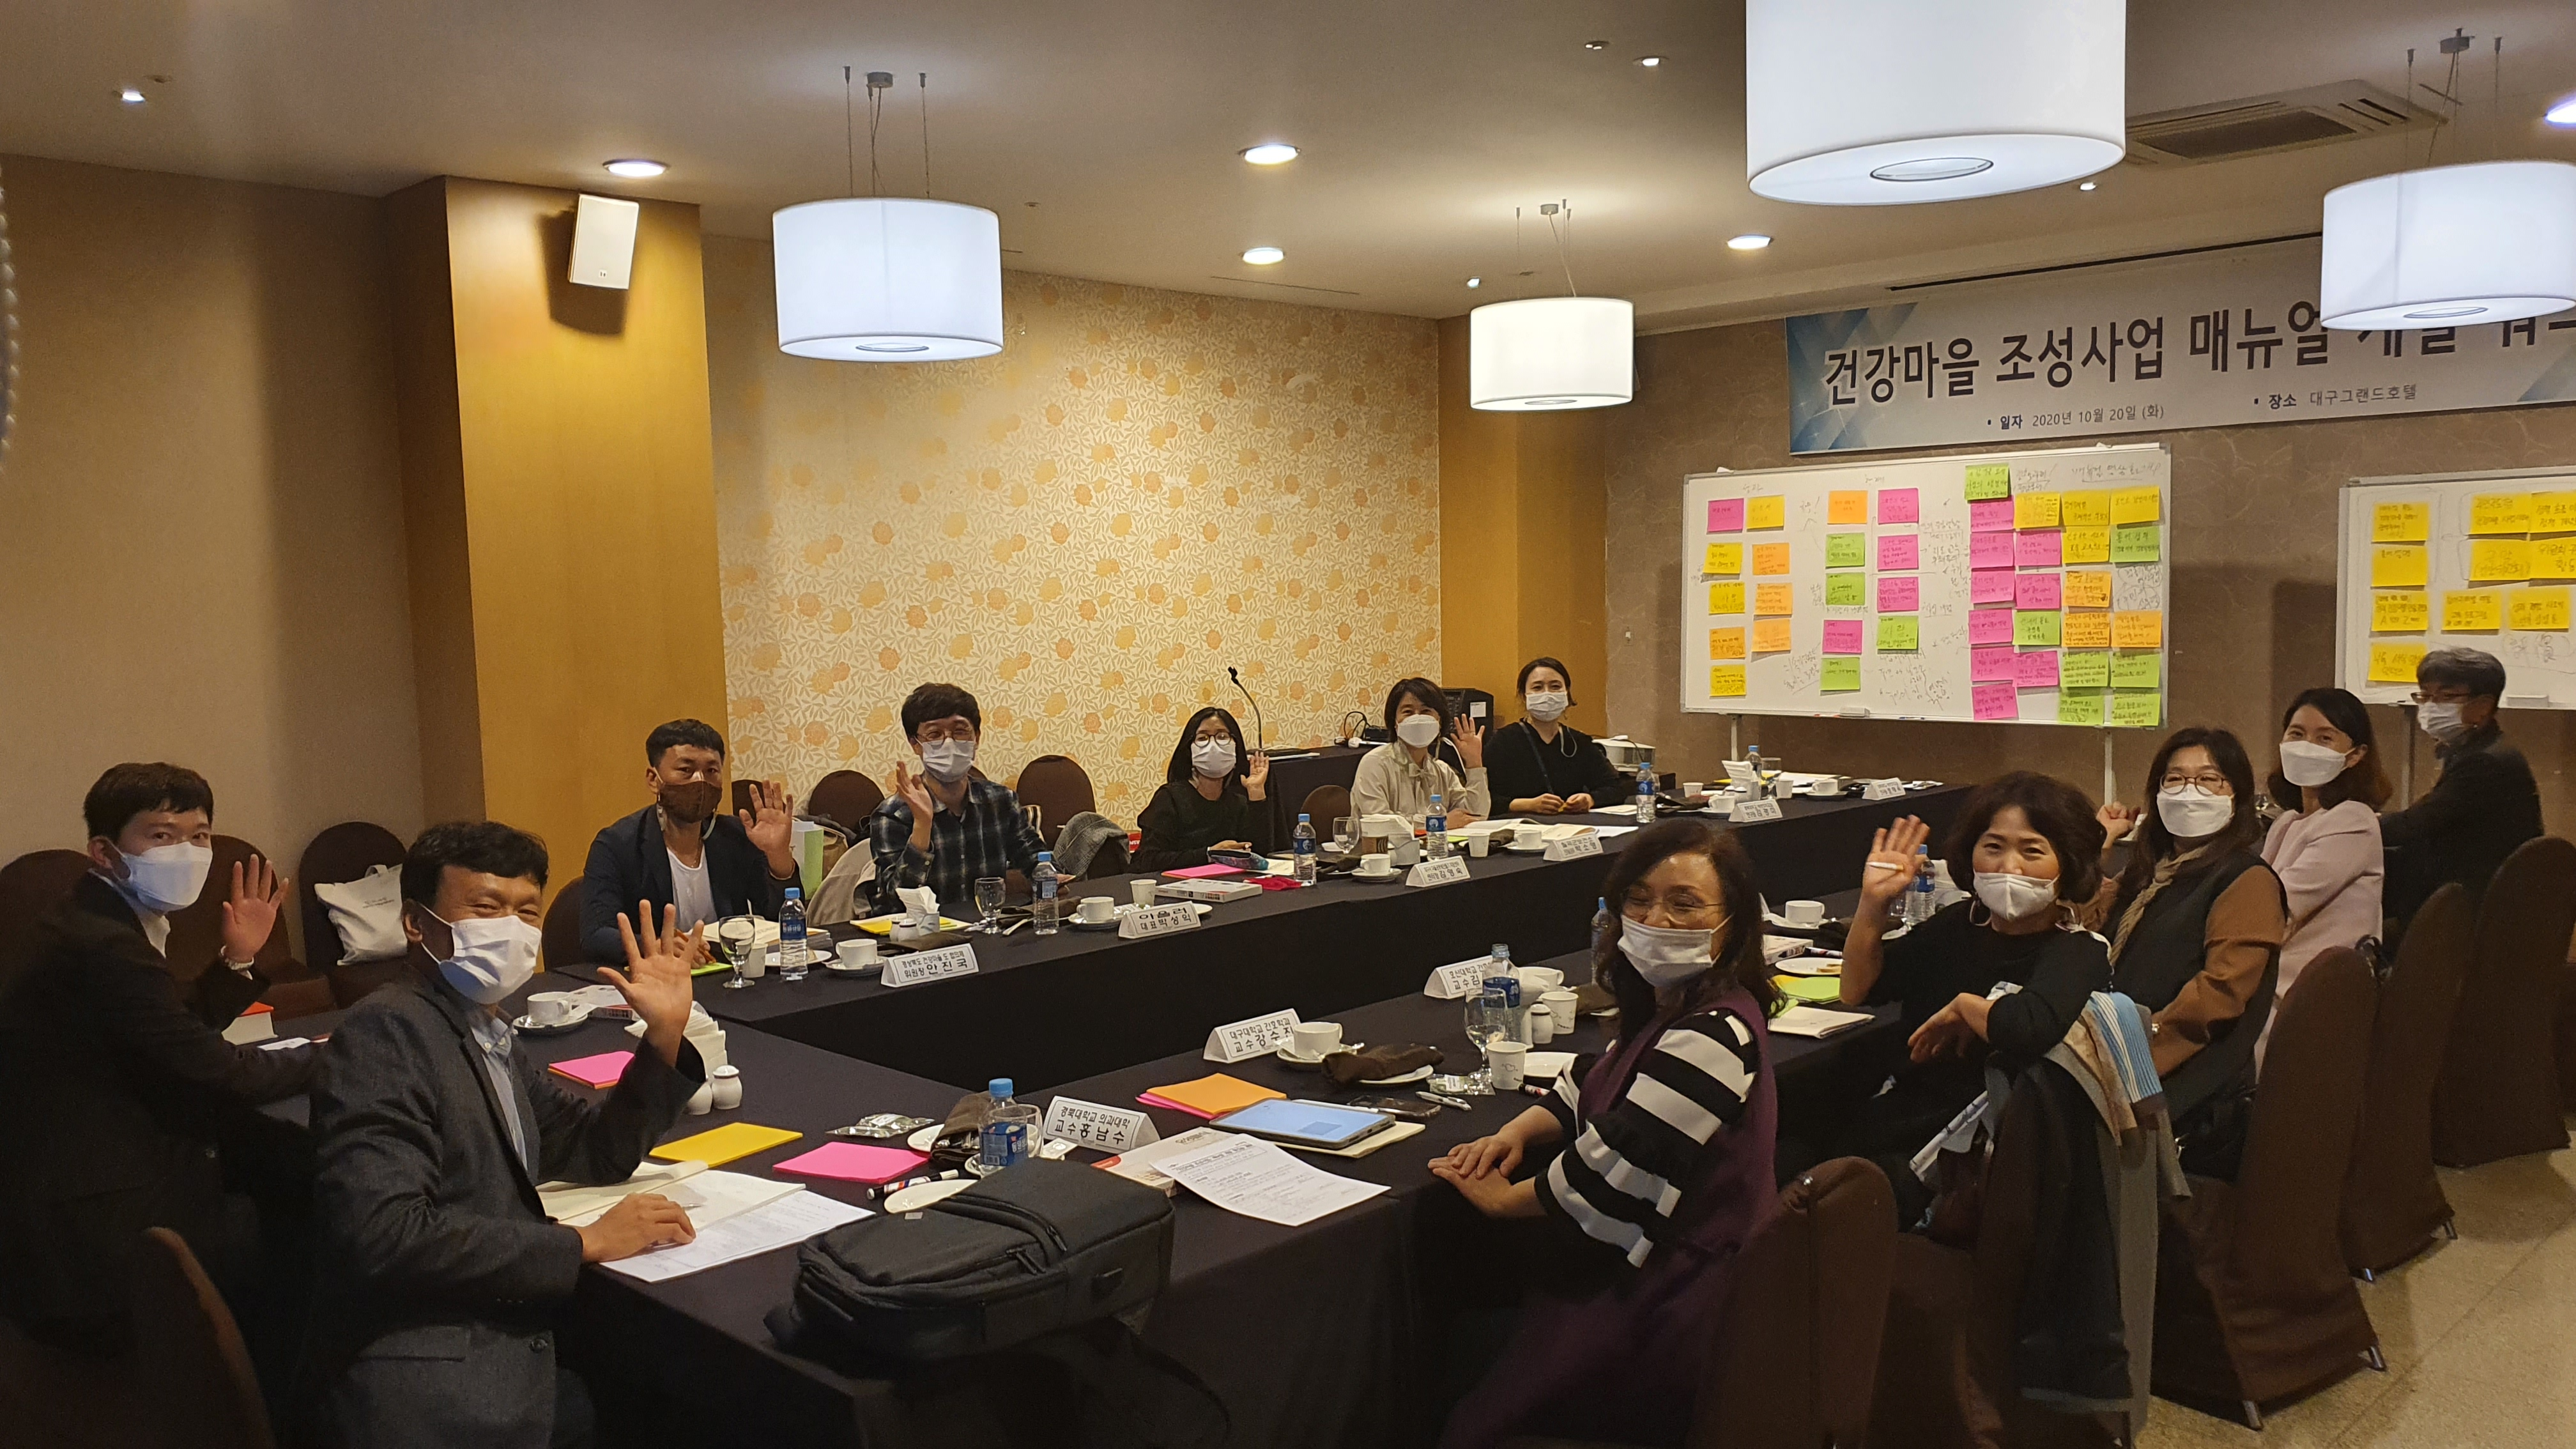 2020년 건강마을 조성사업 매뉴얼 개발 워크숍